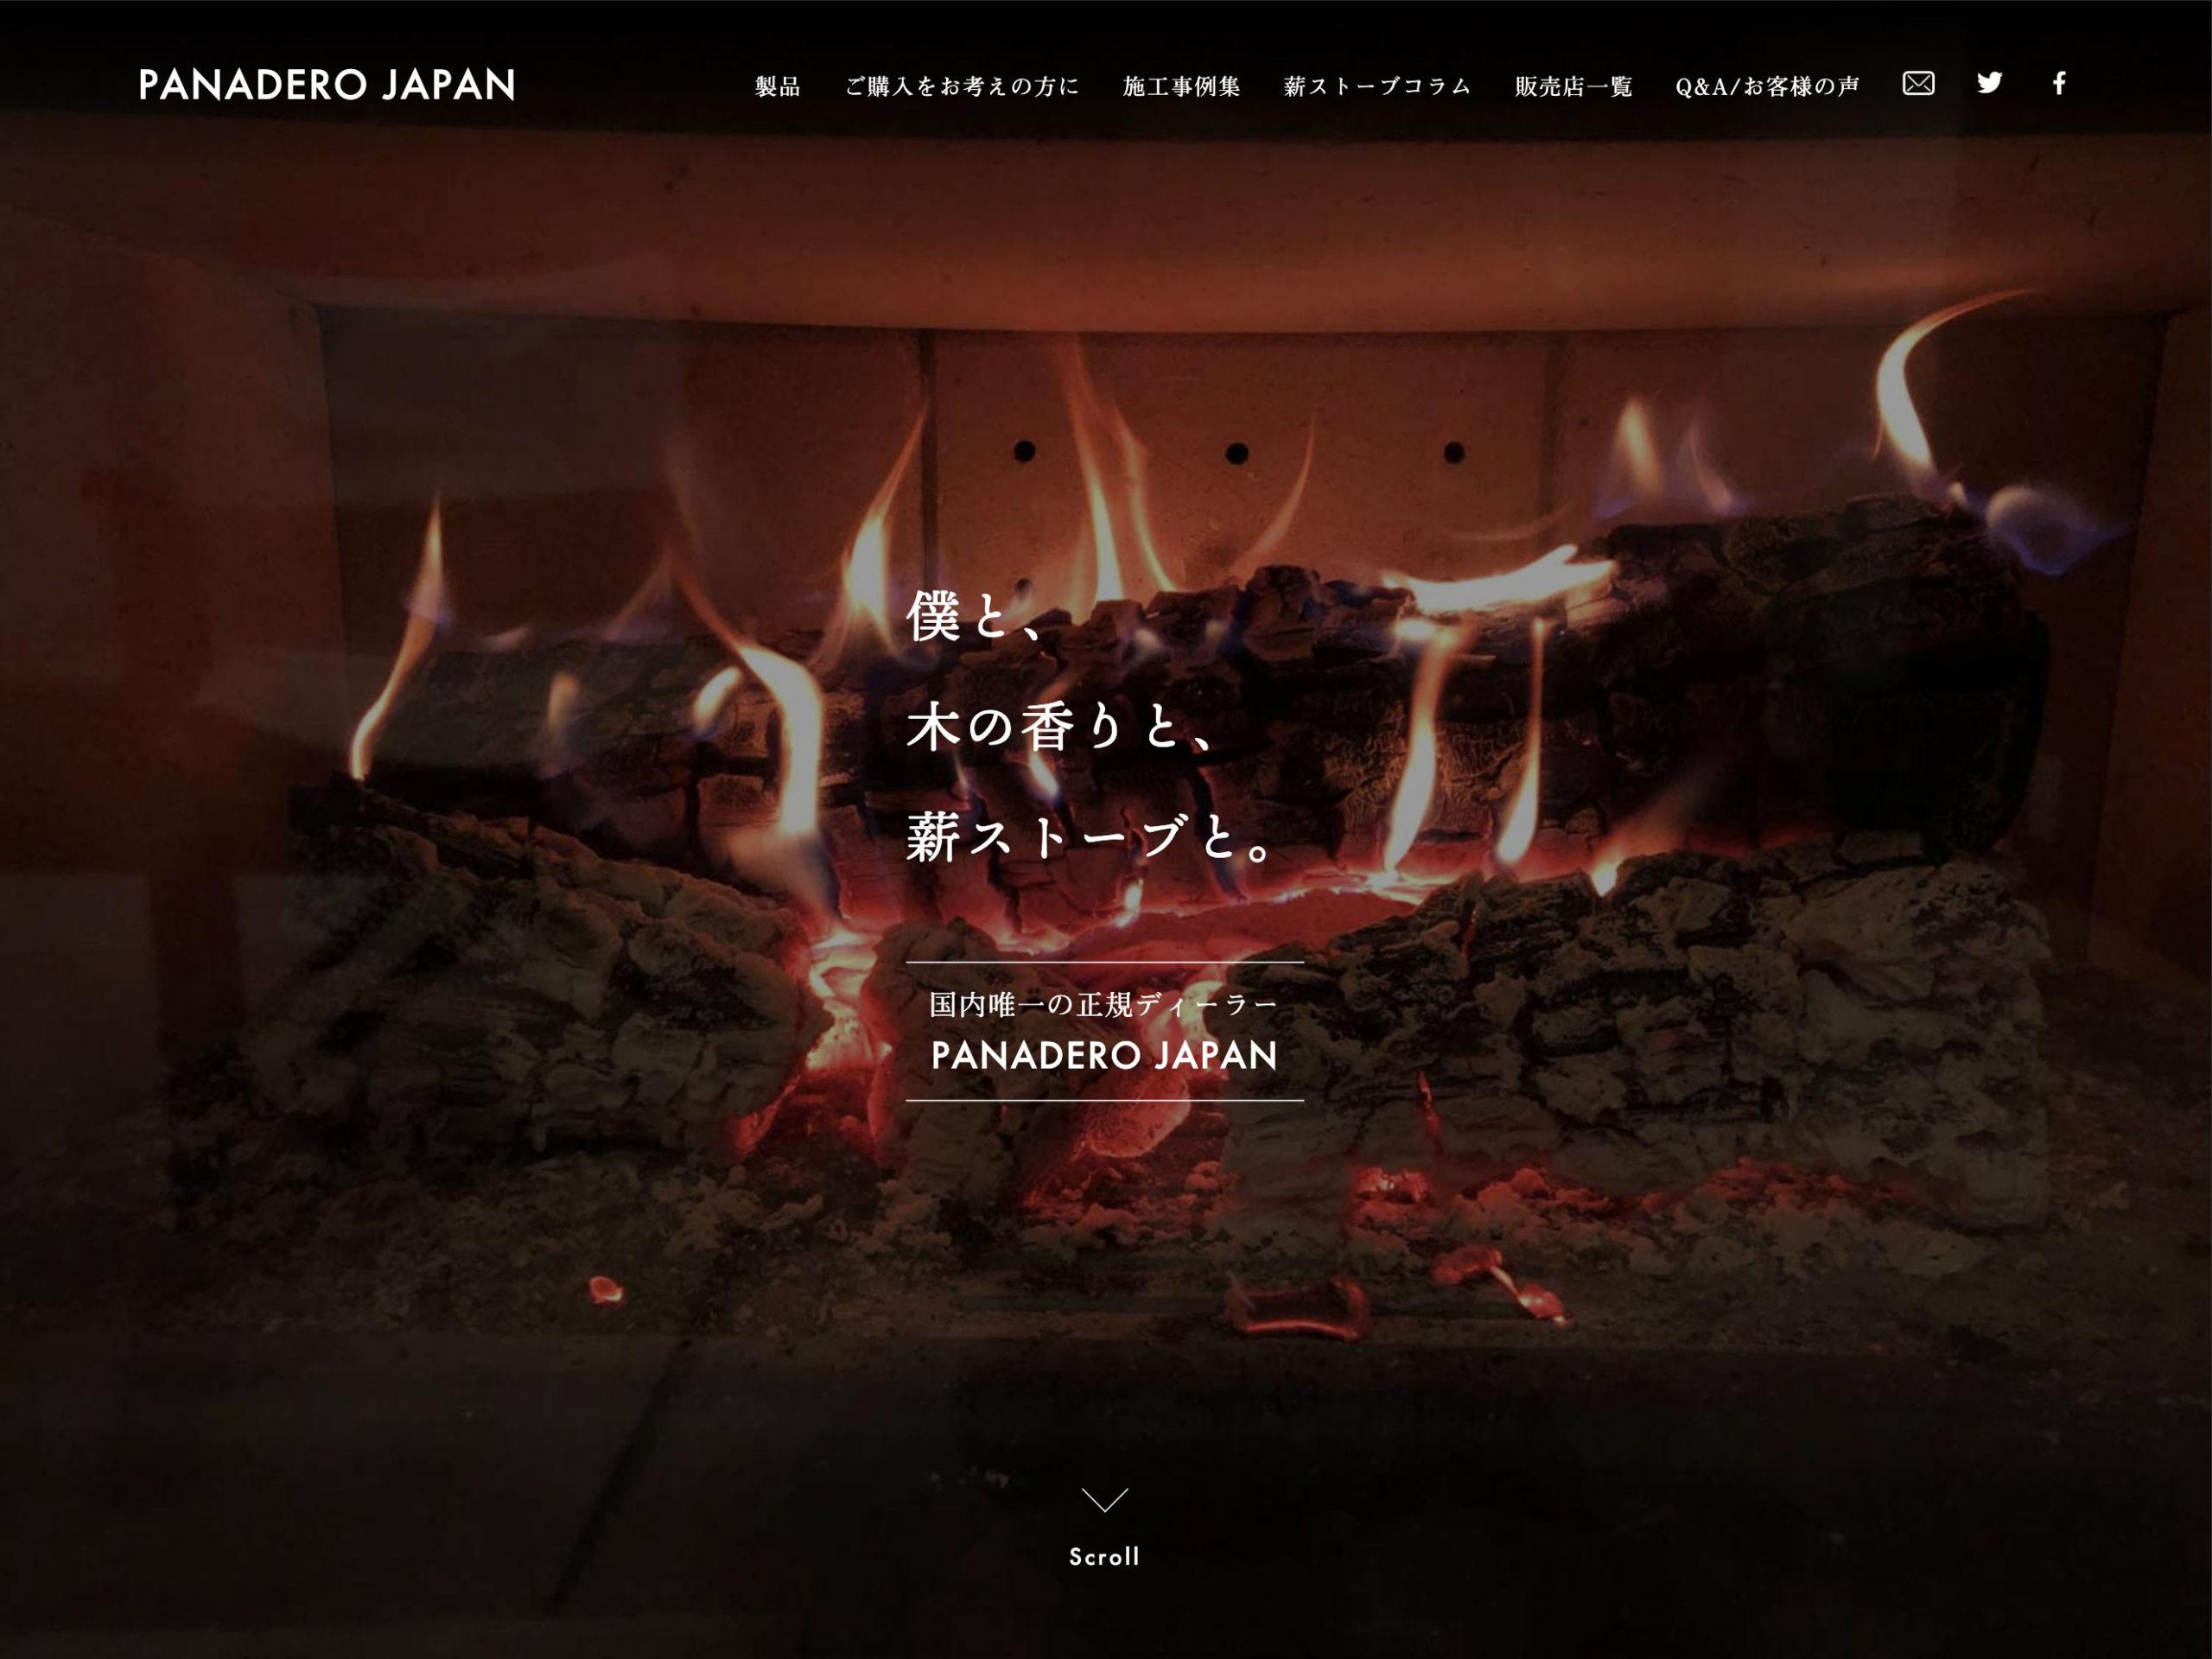 PANADERO JAPAN